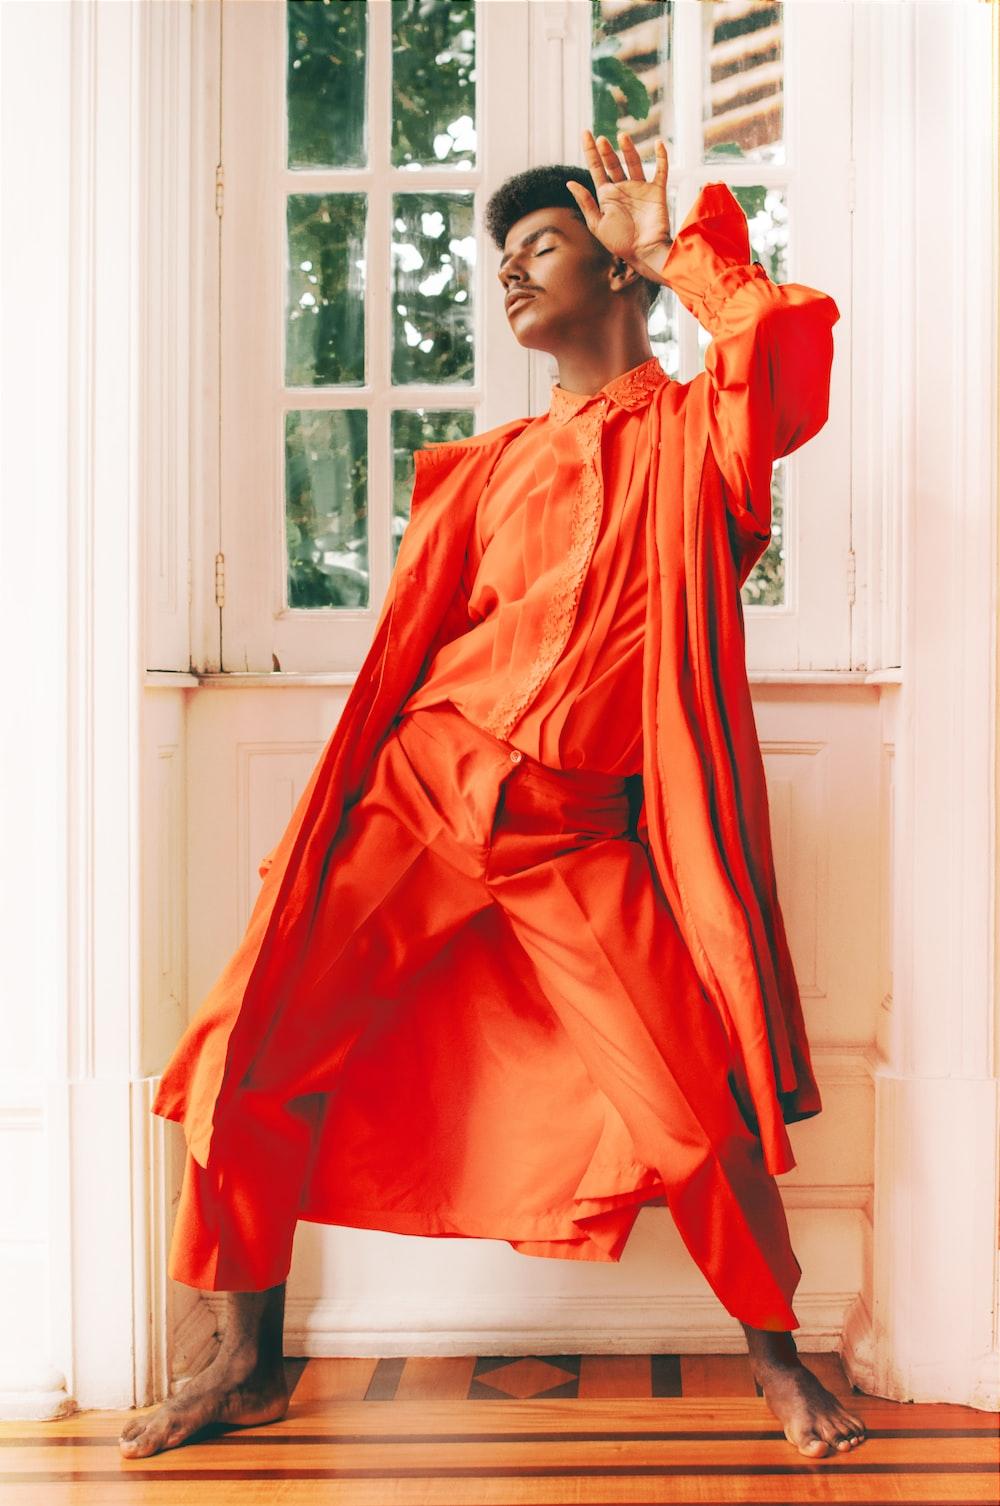 woman in orange long sleeve dress standing near window